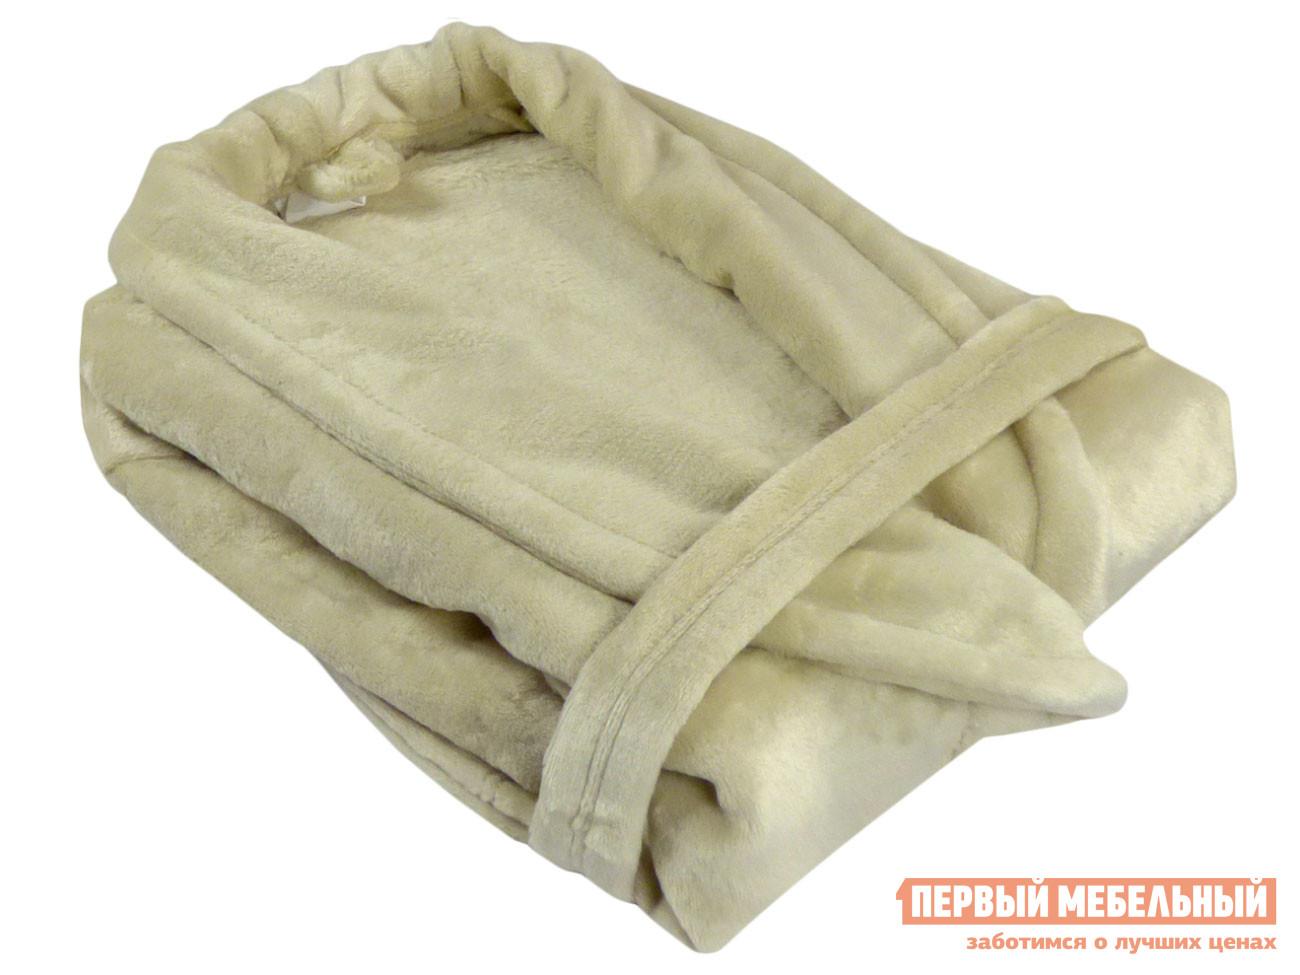 Женский халат Первый Мебельный Халат из микрофибры женский кремовый Бельвита